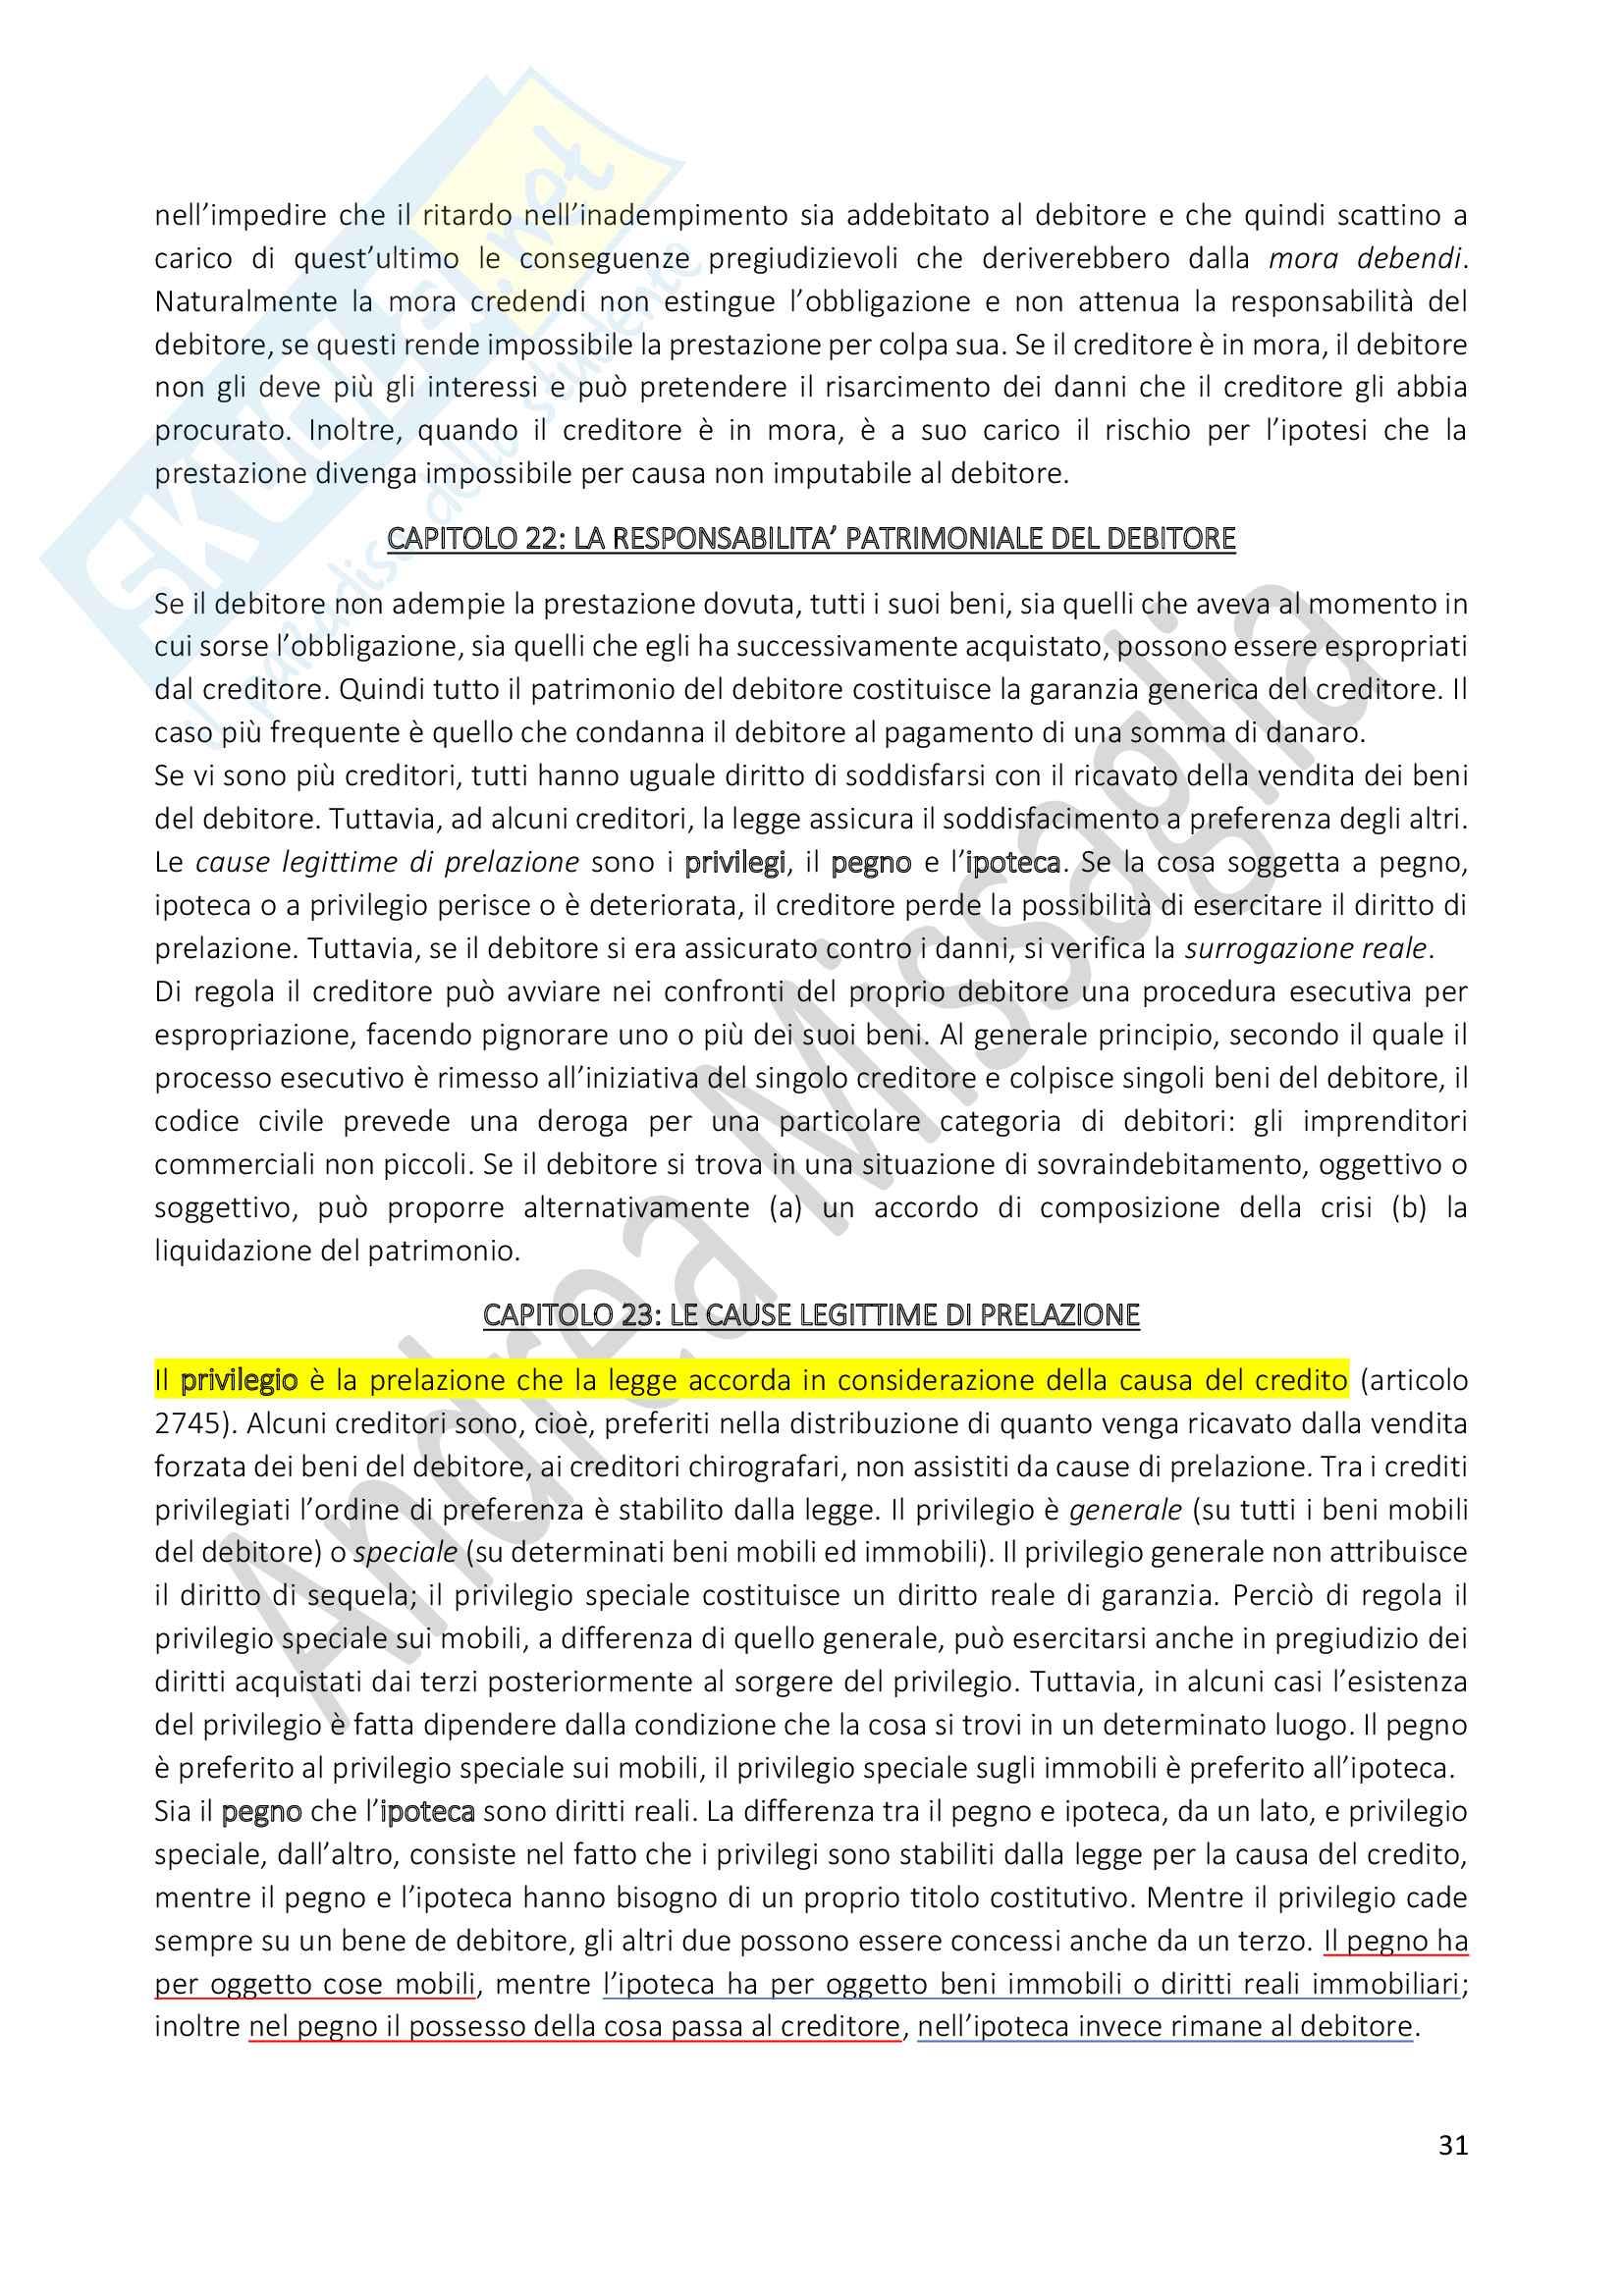 Riassunto Esame Istituzioni di Diritto Privato (Economia), prof. Schiavone Pag. 31